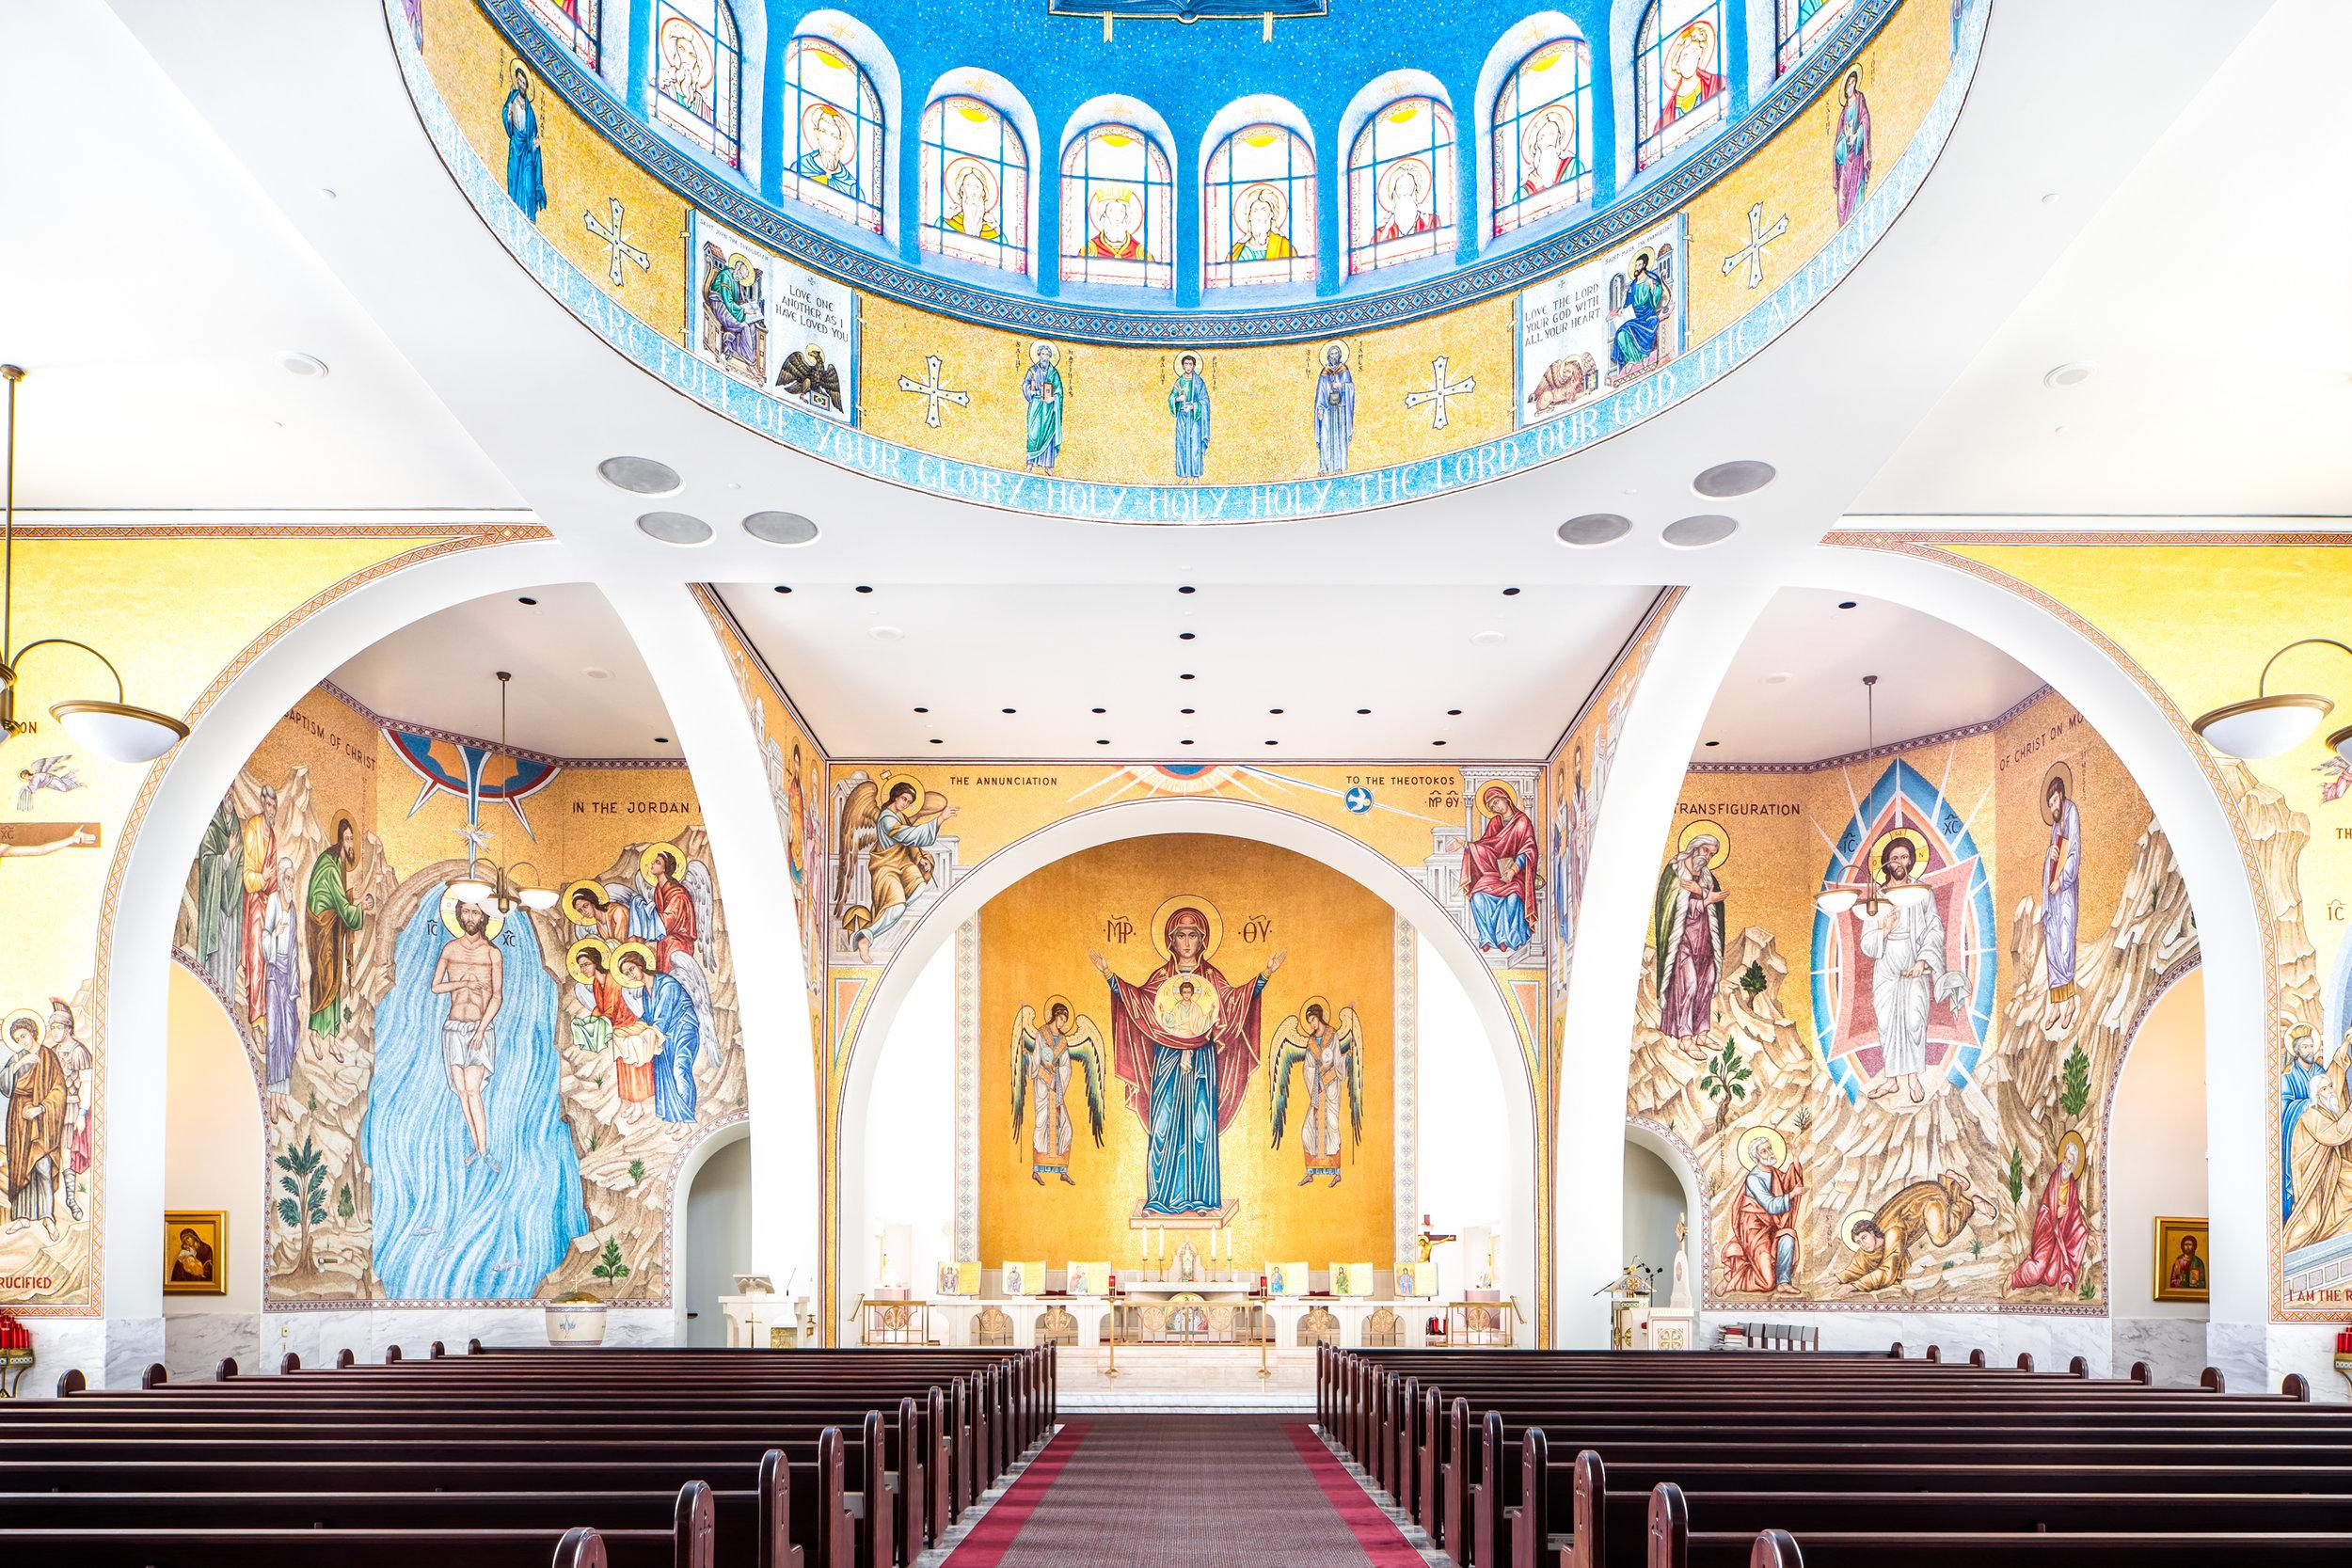 St. Pauls-1.jpg